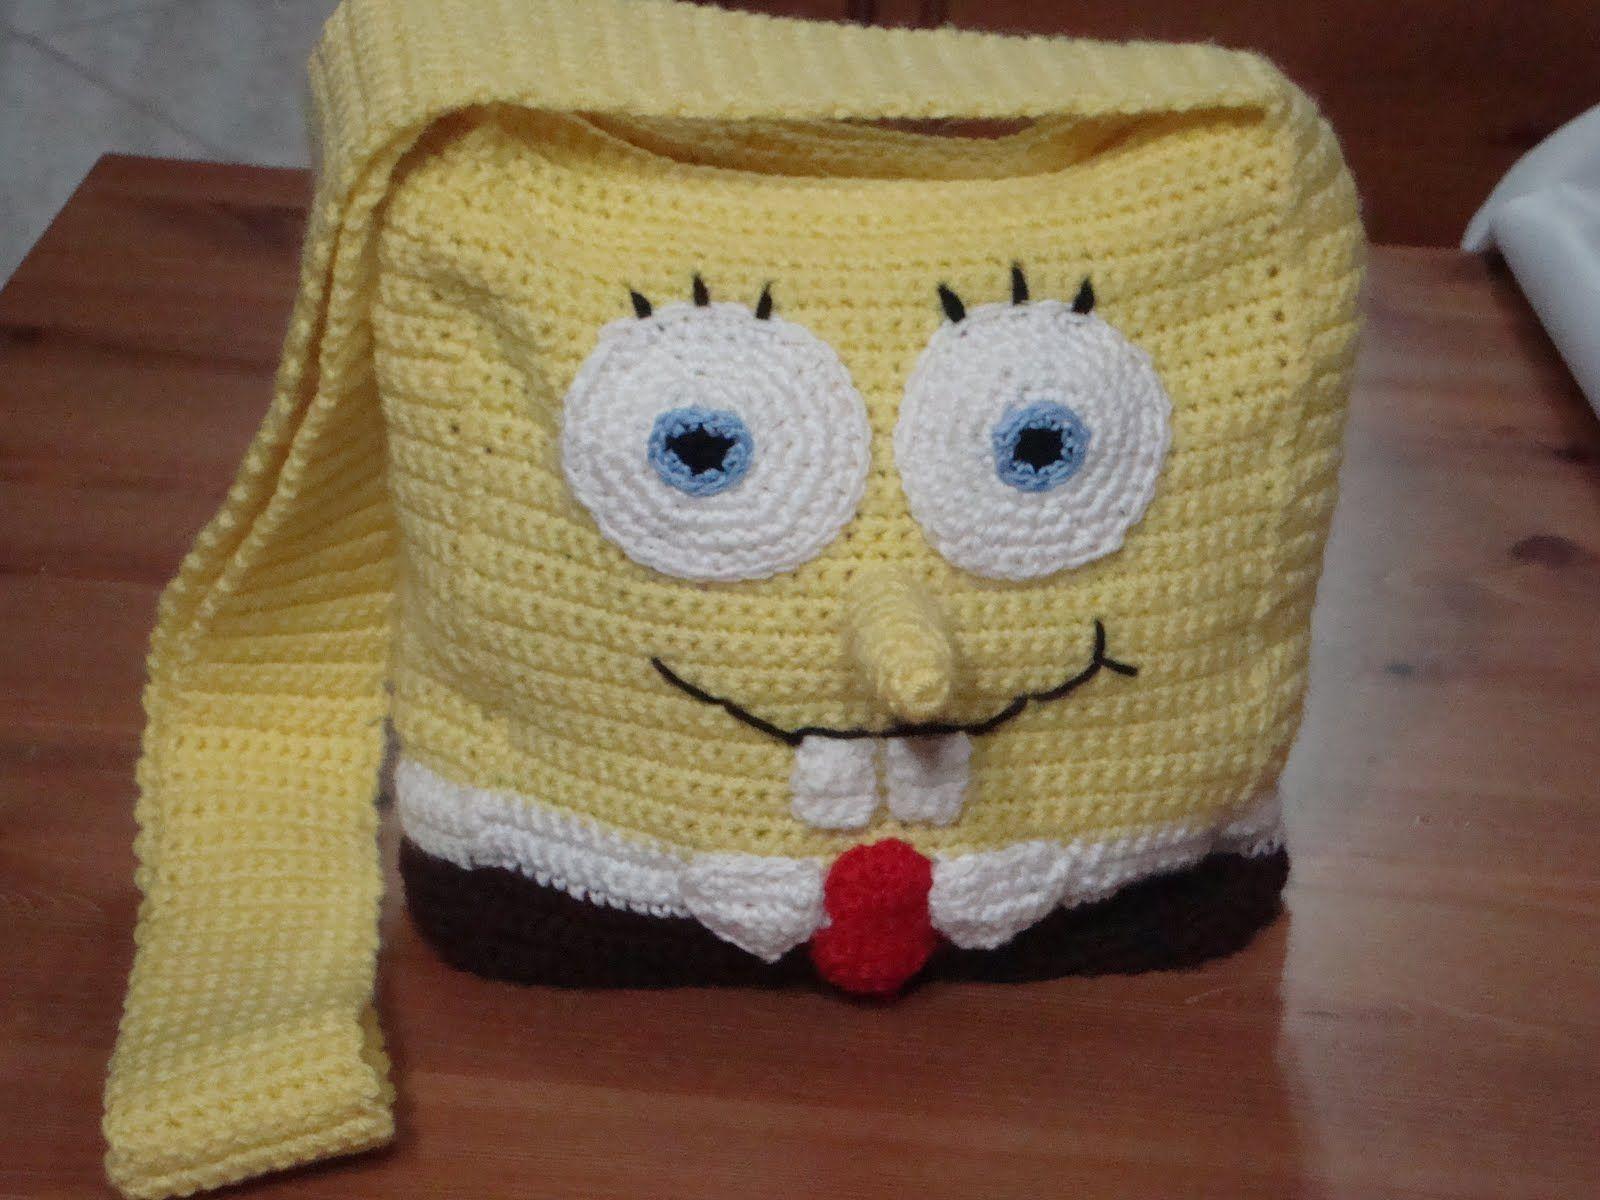 borsa di spongebob da luncinettodifranca.blogspot.com